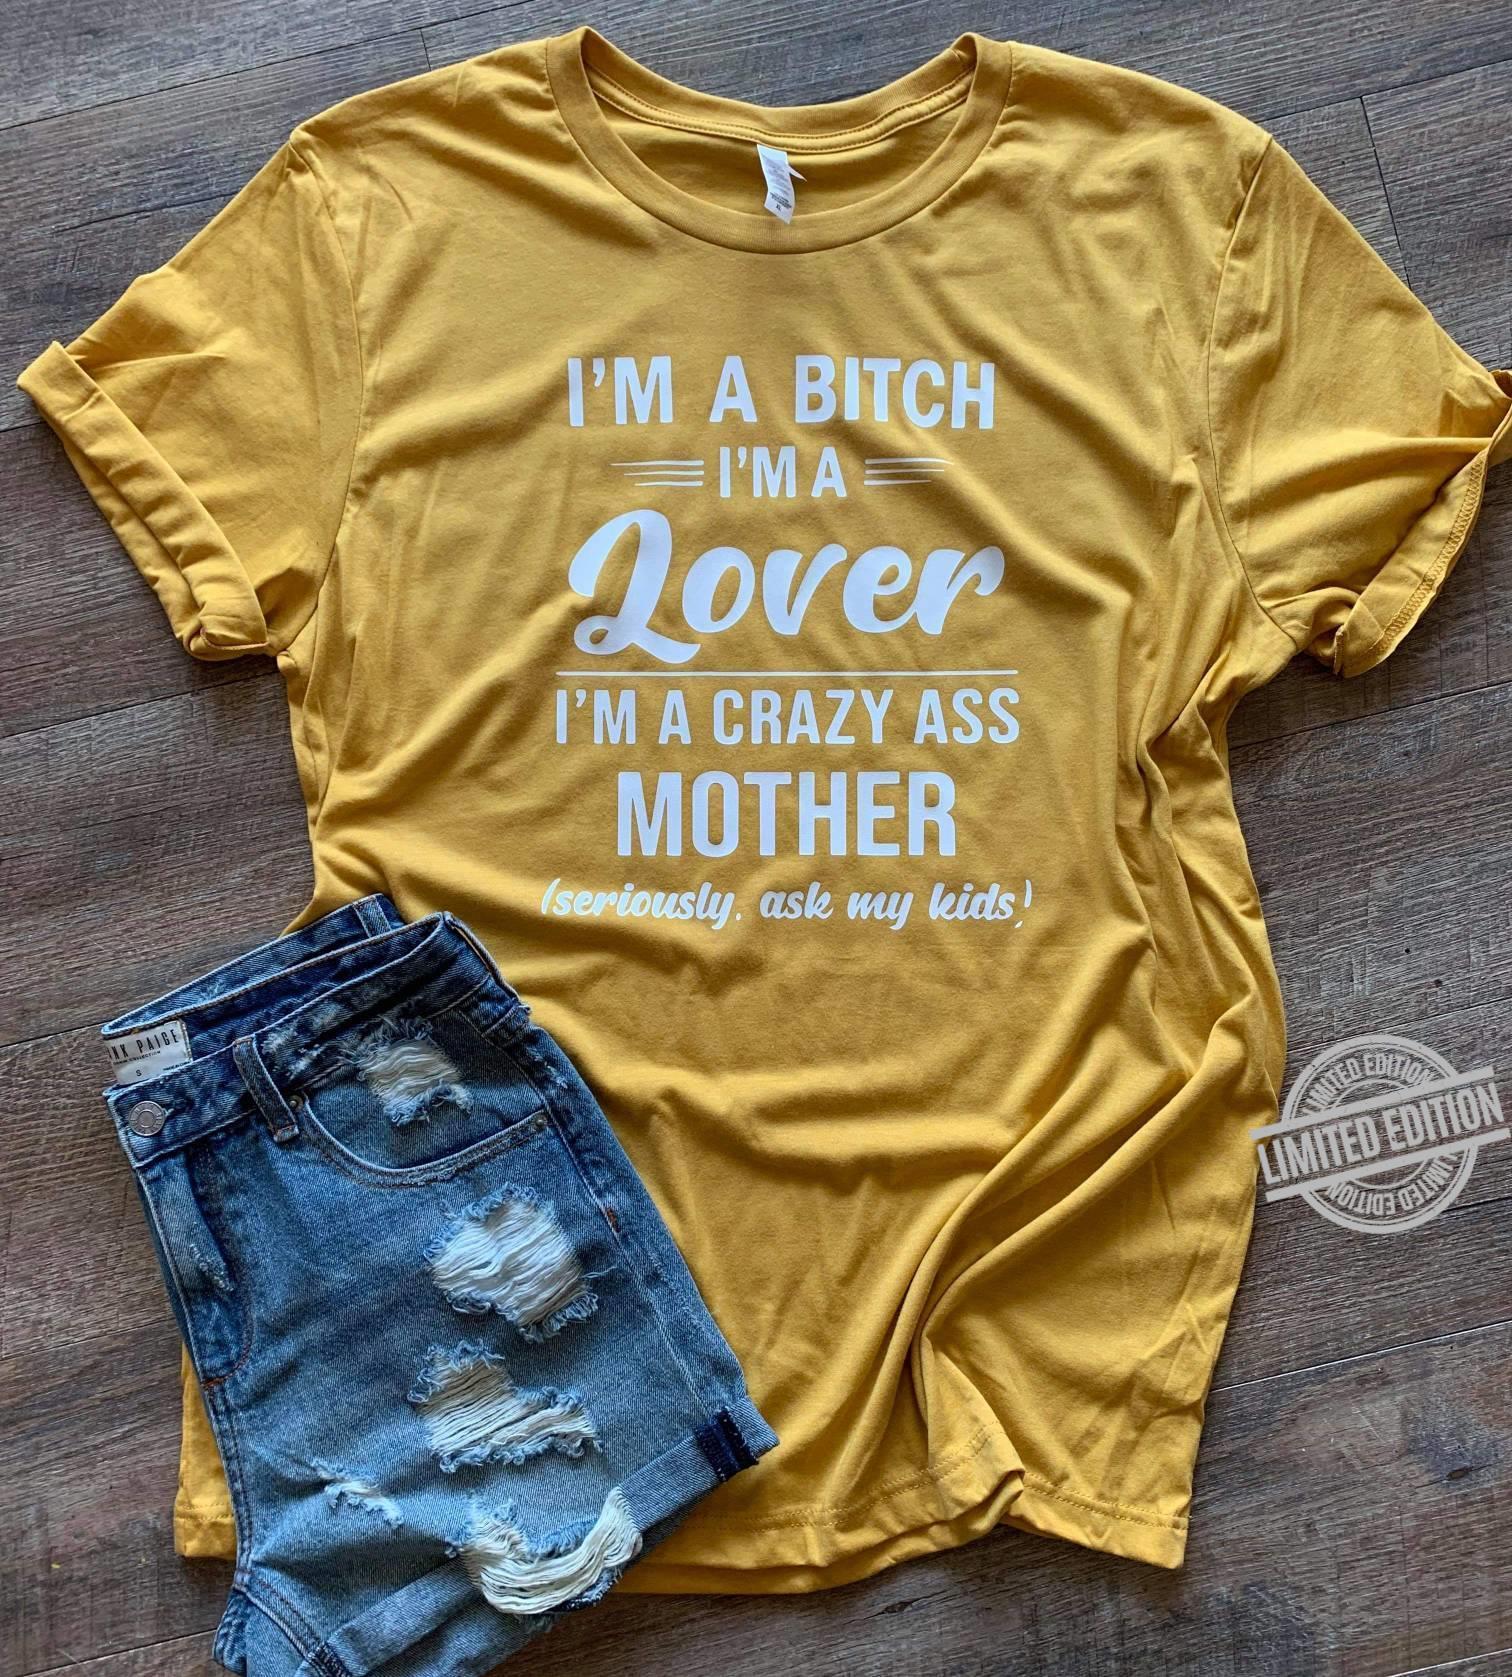 I'm A Bitch I'm A Lover I'm A Crazy Ass Mother Seriously Ask My Kids Shirt